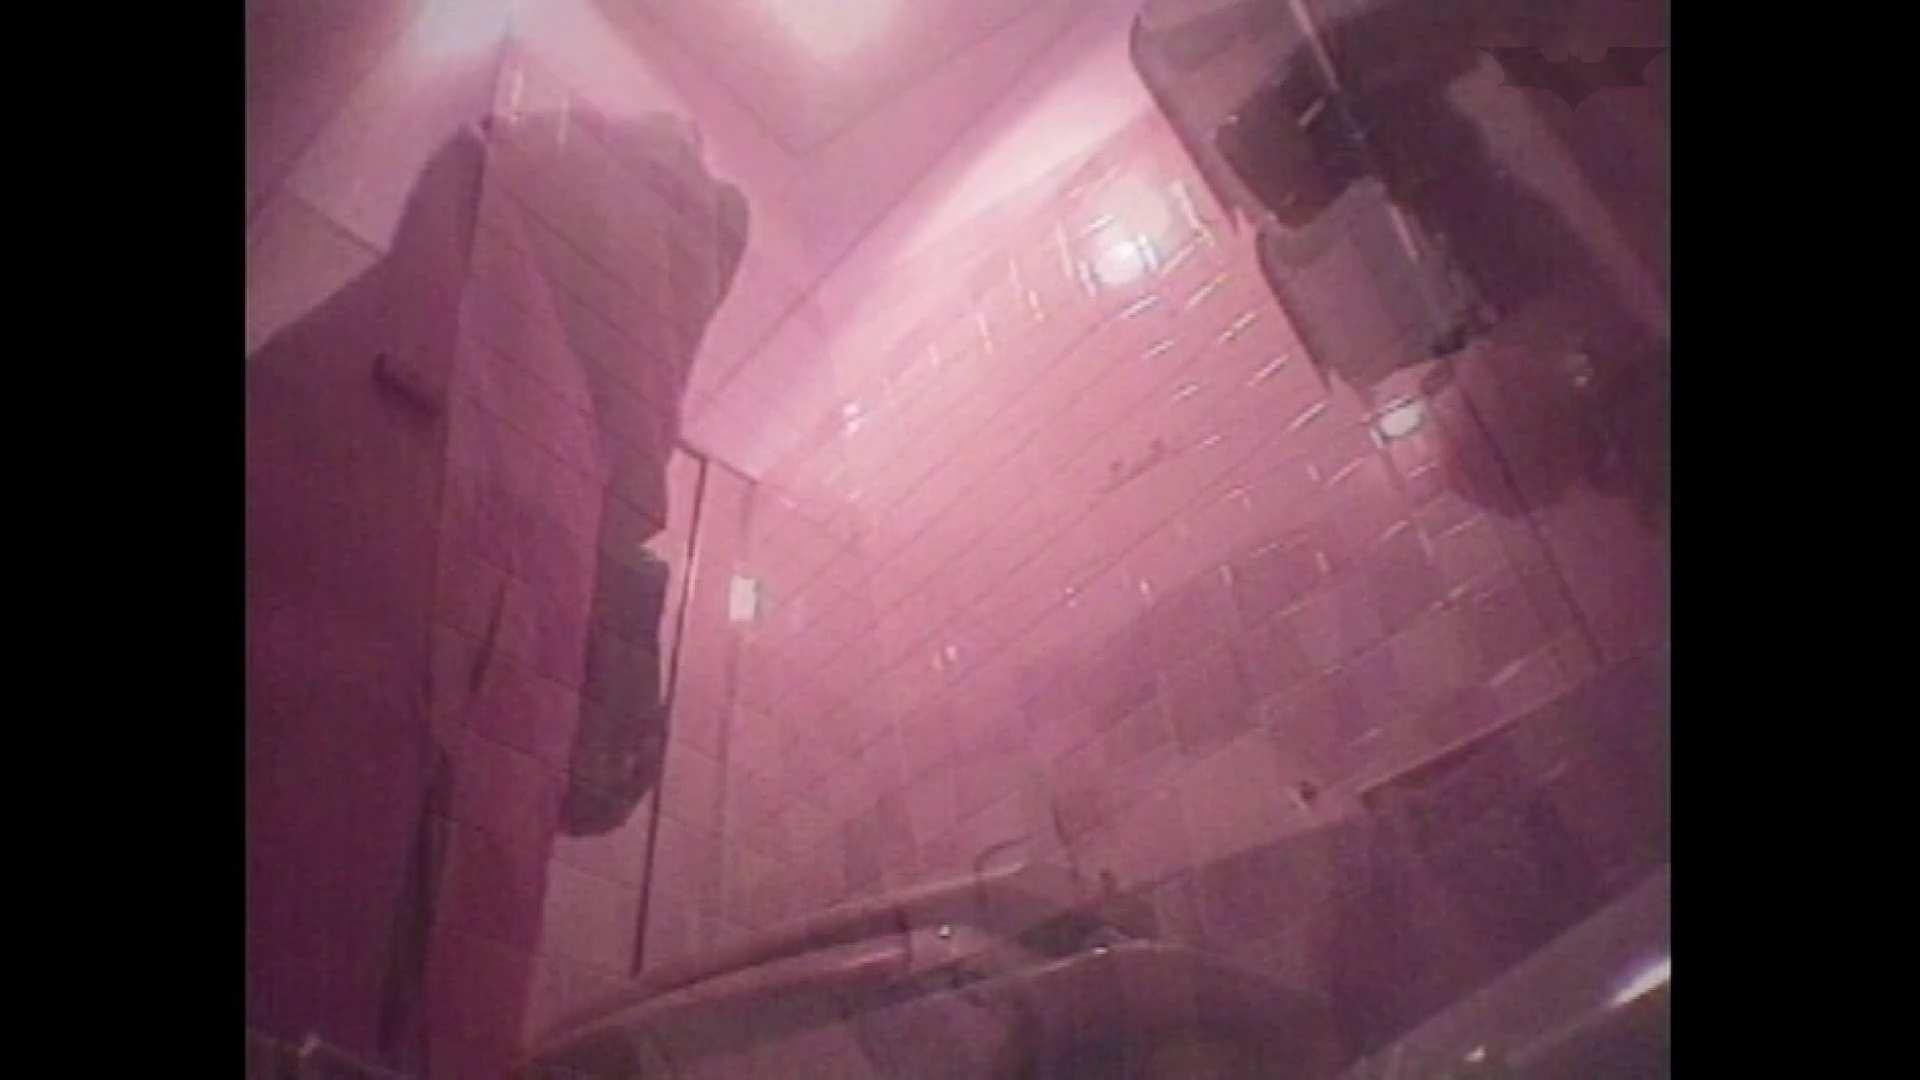 レース場での秘め事 Vol.02 盛合せ エロ画像 84画像 38